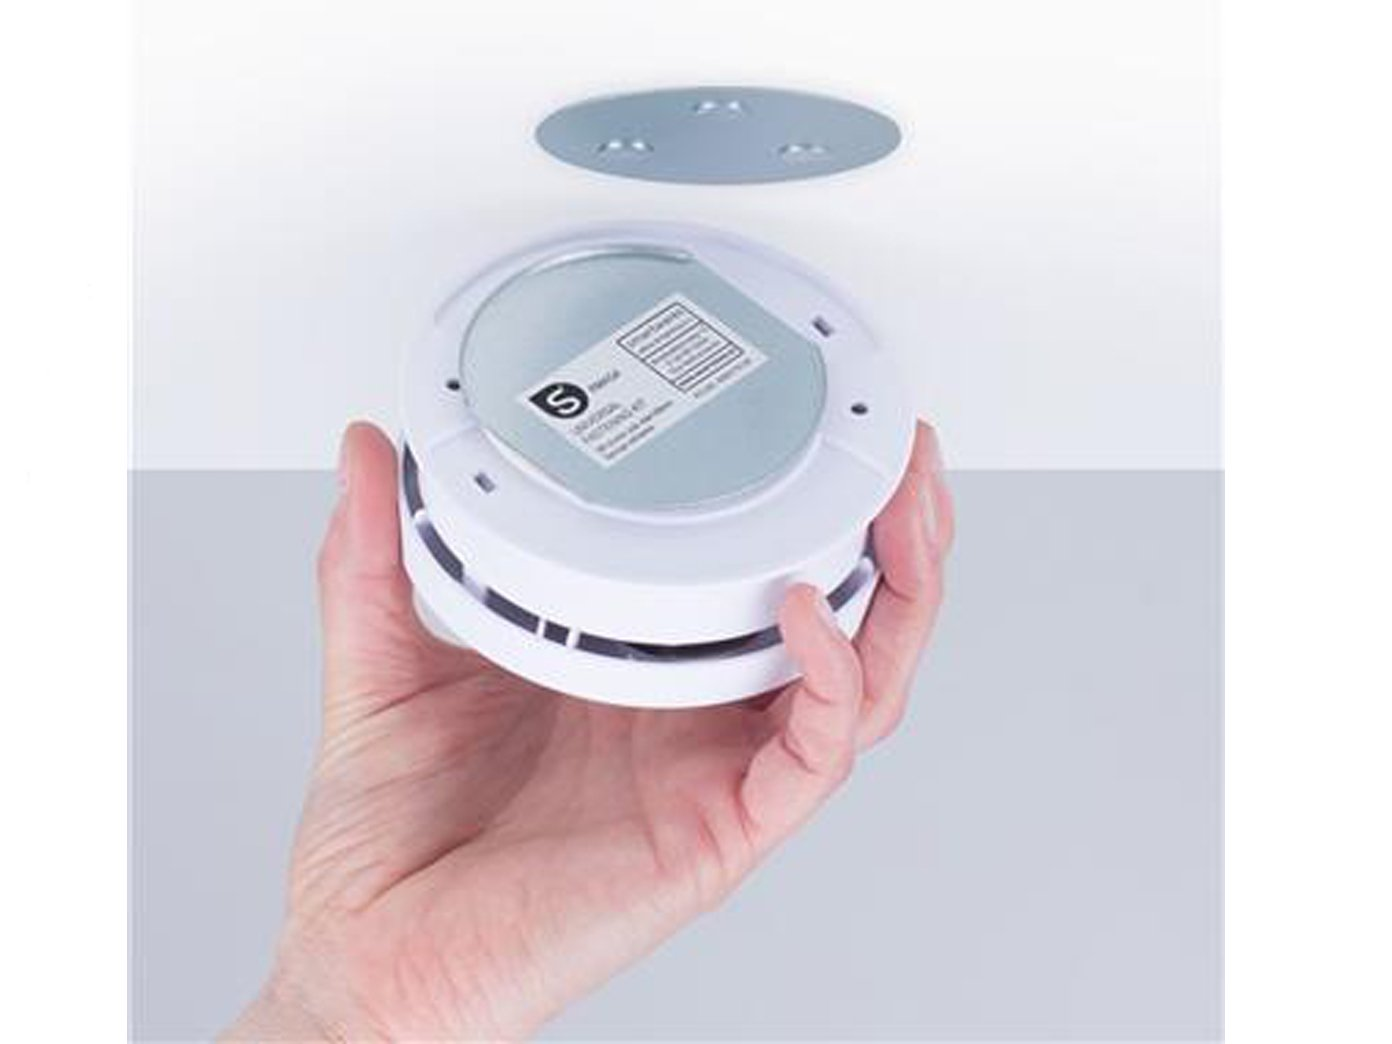 Smartwares Detector de Humo Juego con fijación magnético, 85dB Alarma para fiable Protección contra Incendios: Amazon.es: Bricolaje y herramientas